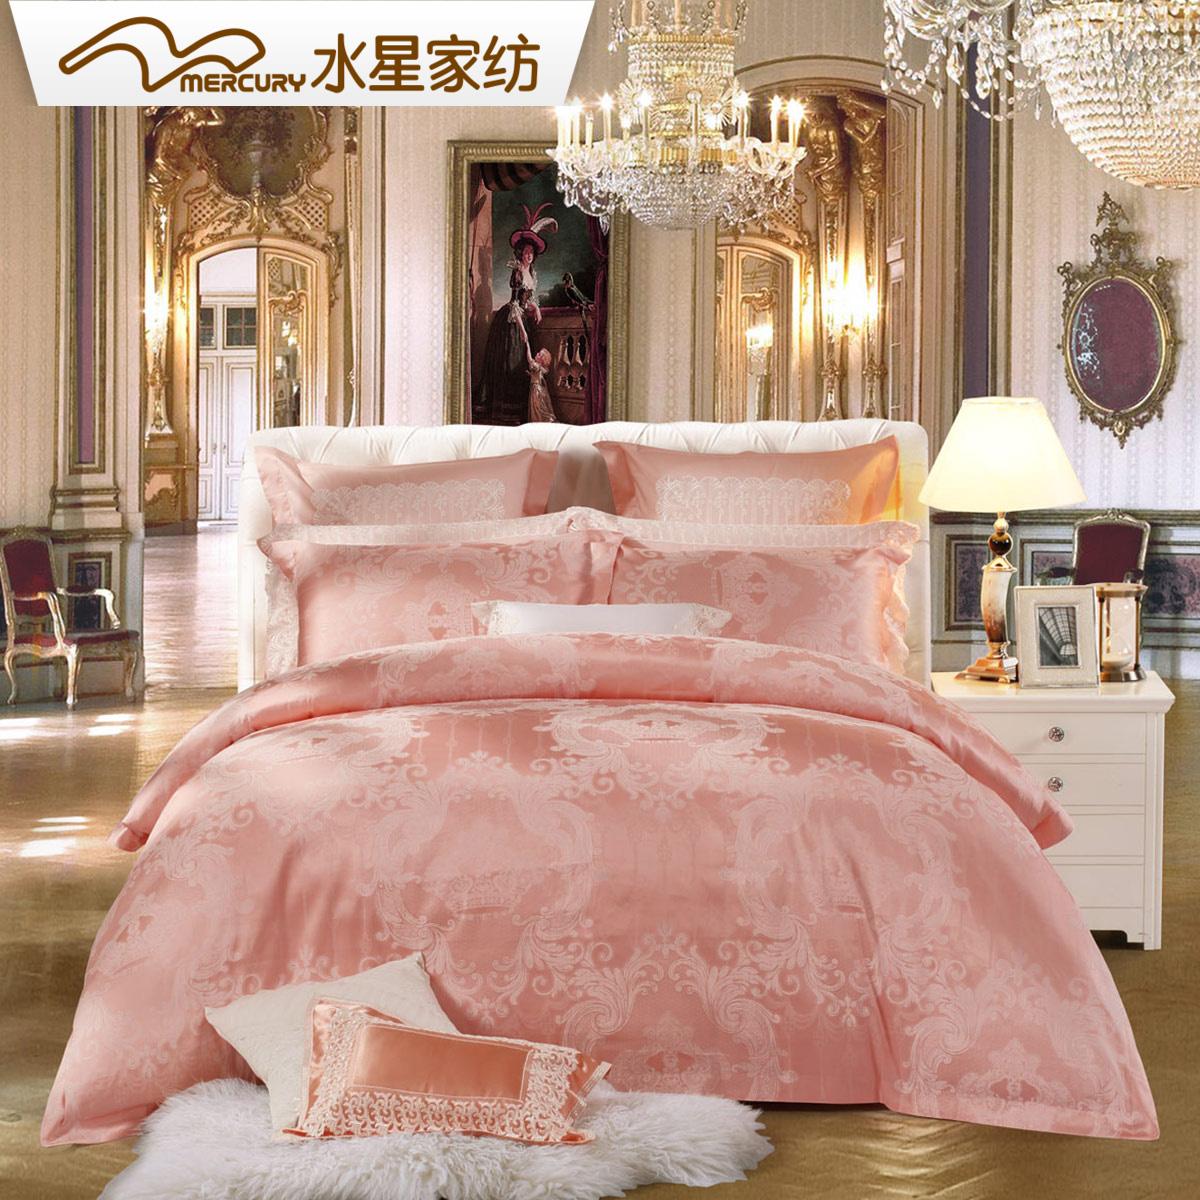 水星家纺欧式大提花六件套双人1.8m床单被套床上用品梦莎雅颂